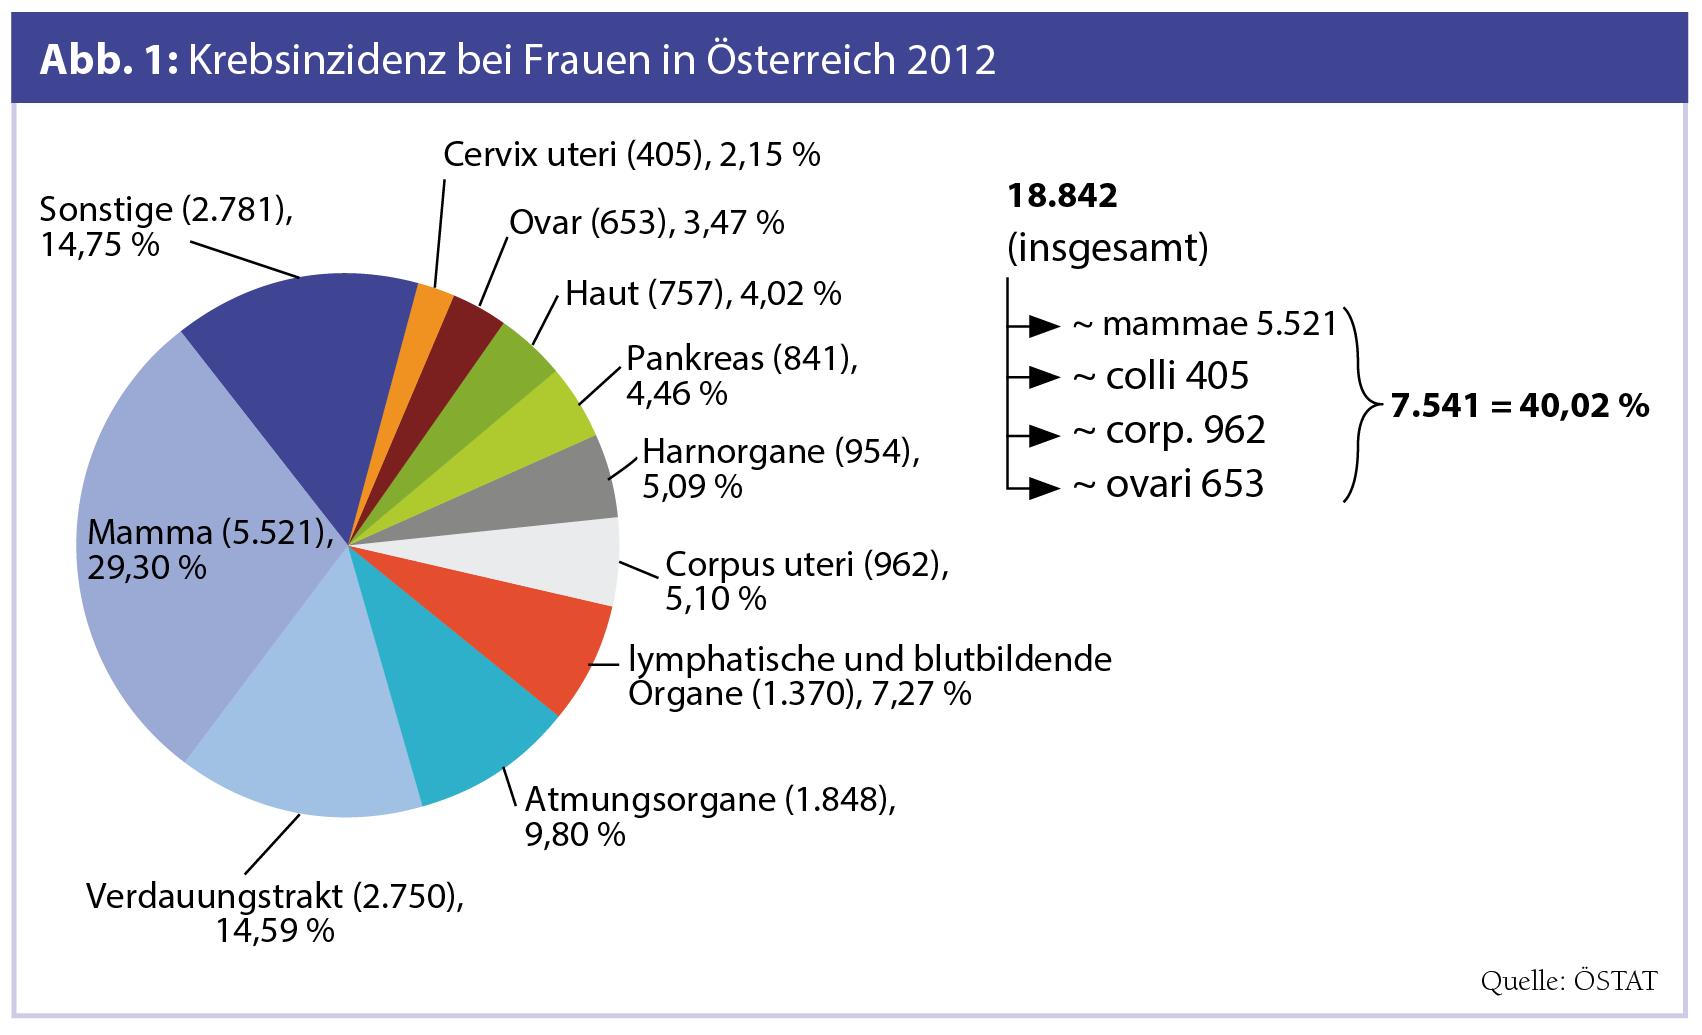 Niedlich Gebärmutterhöhle Anatomie Ideen - Anatomie Ideen - finotti.info